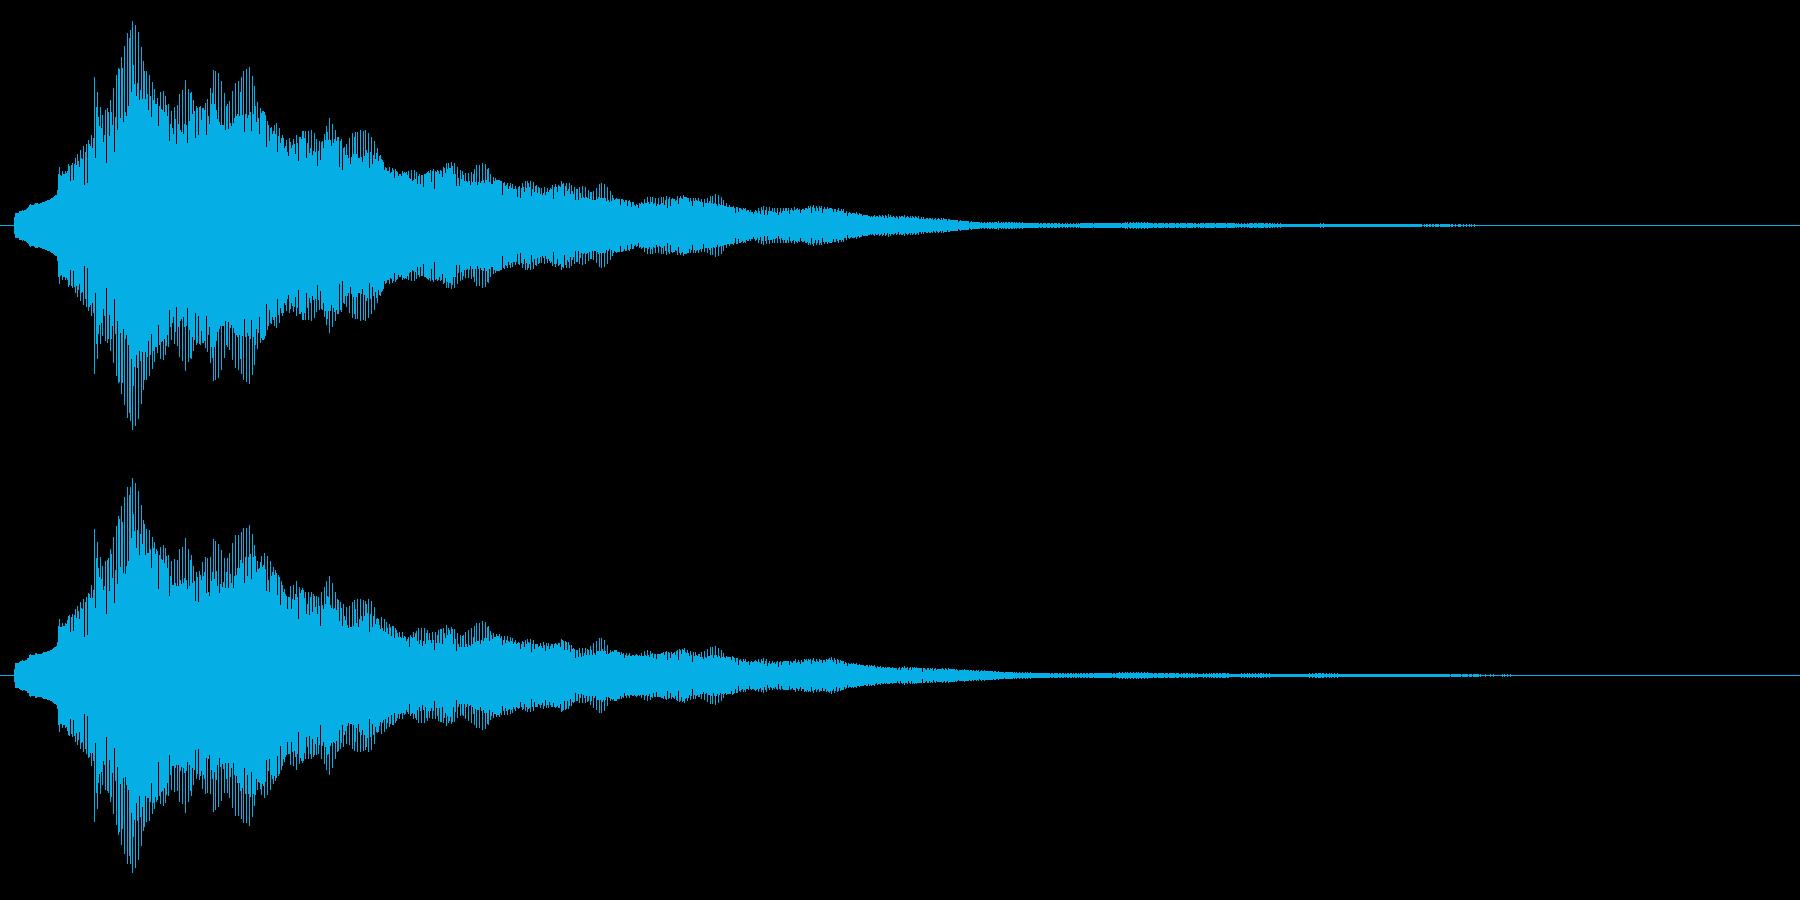 【アクセント】綺麗な決定音(長)の再生済みの波形